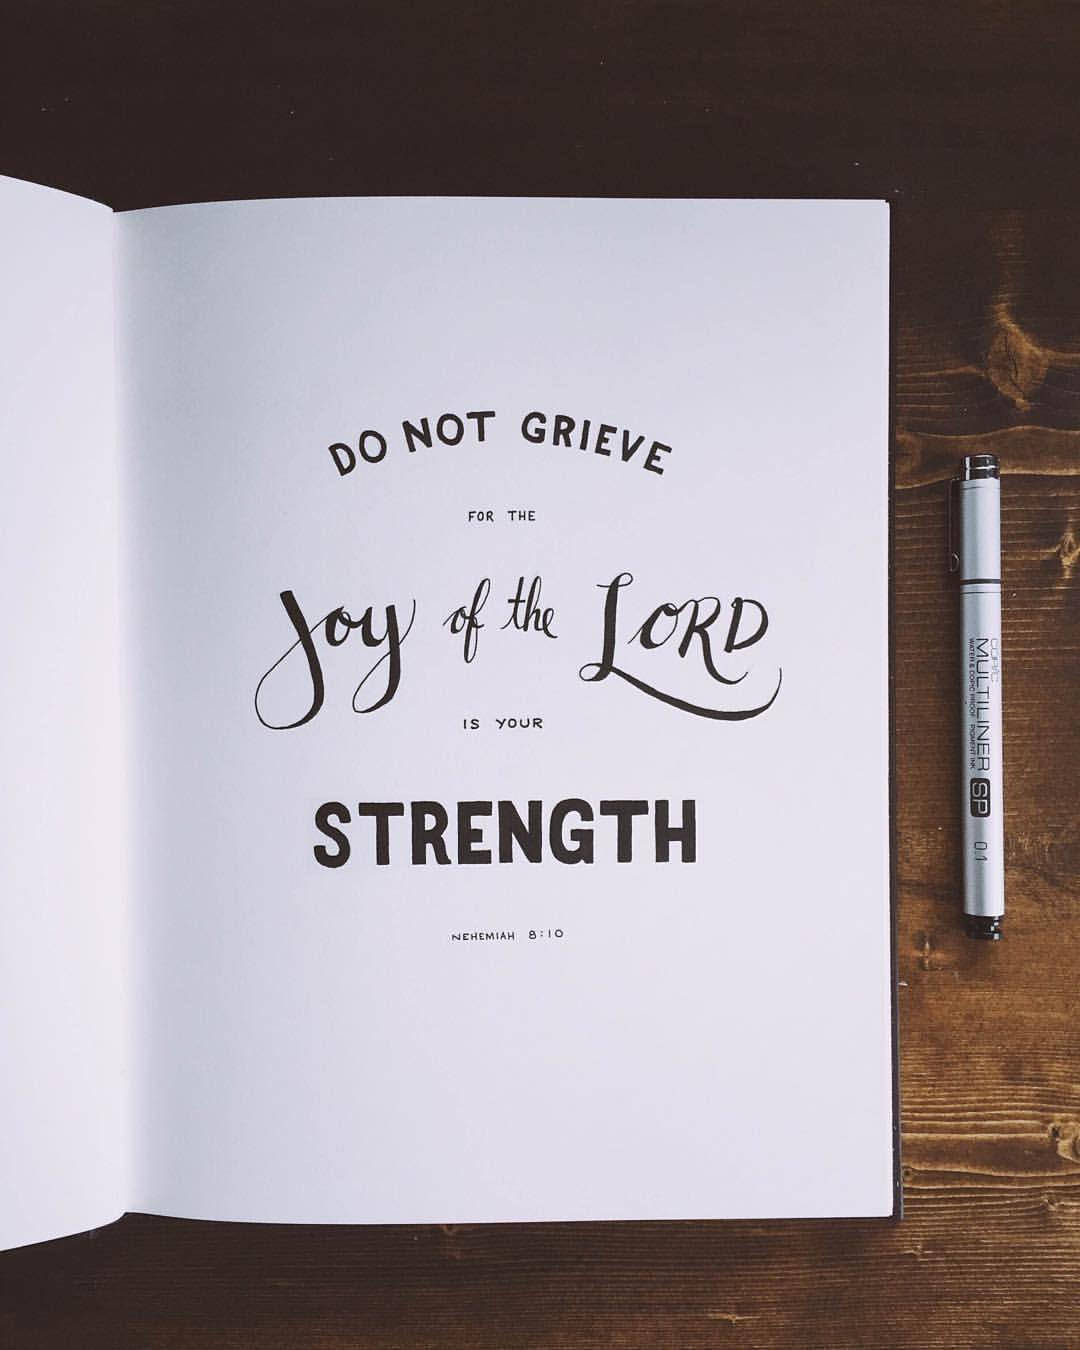 godsfingerprints do not grieve for the joy of the lord is your godsfingerprints do not grieve for the joy of the lord is your strength